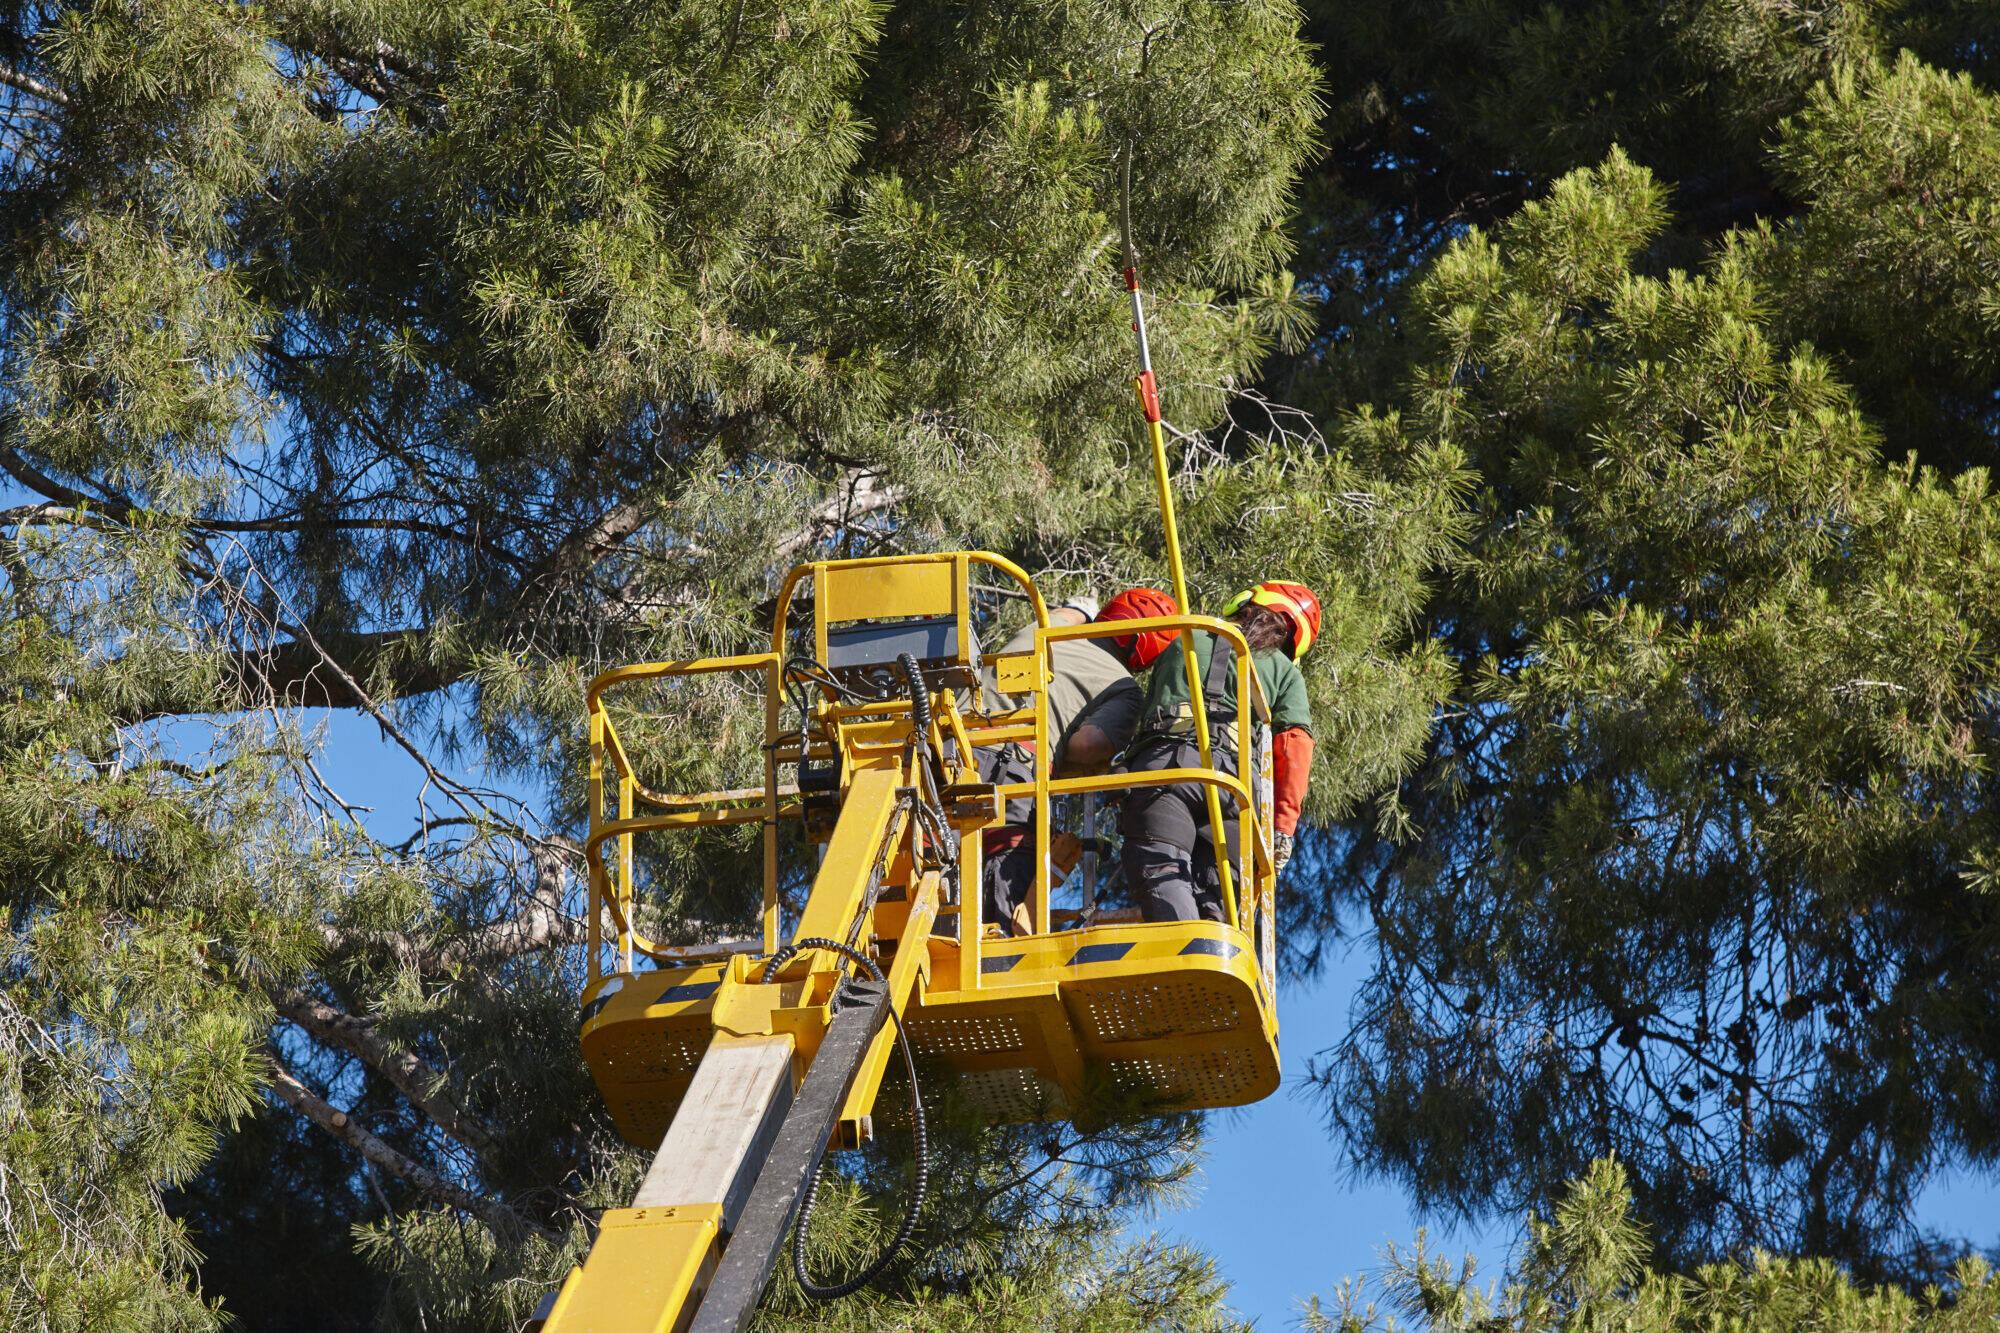 élagage arbre hydro-québec